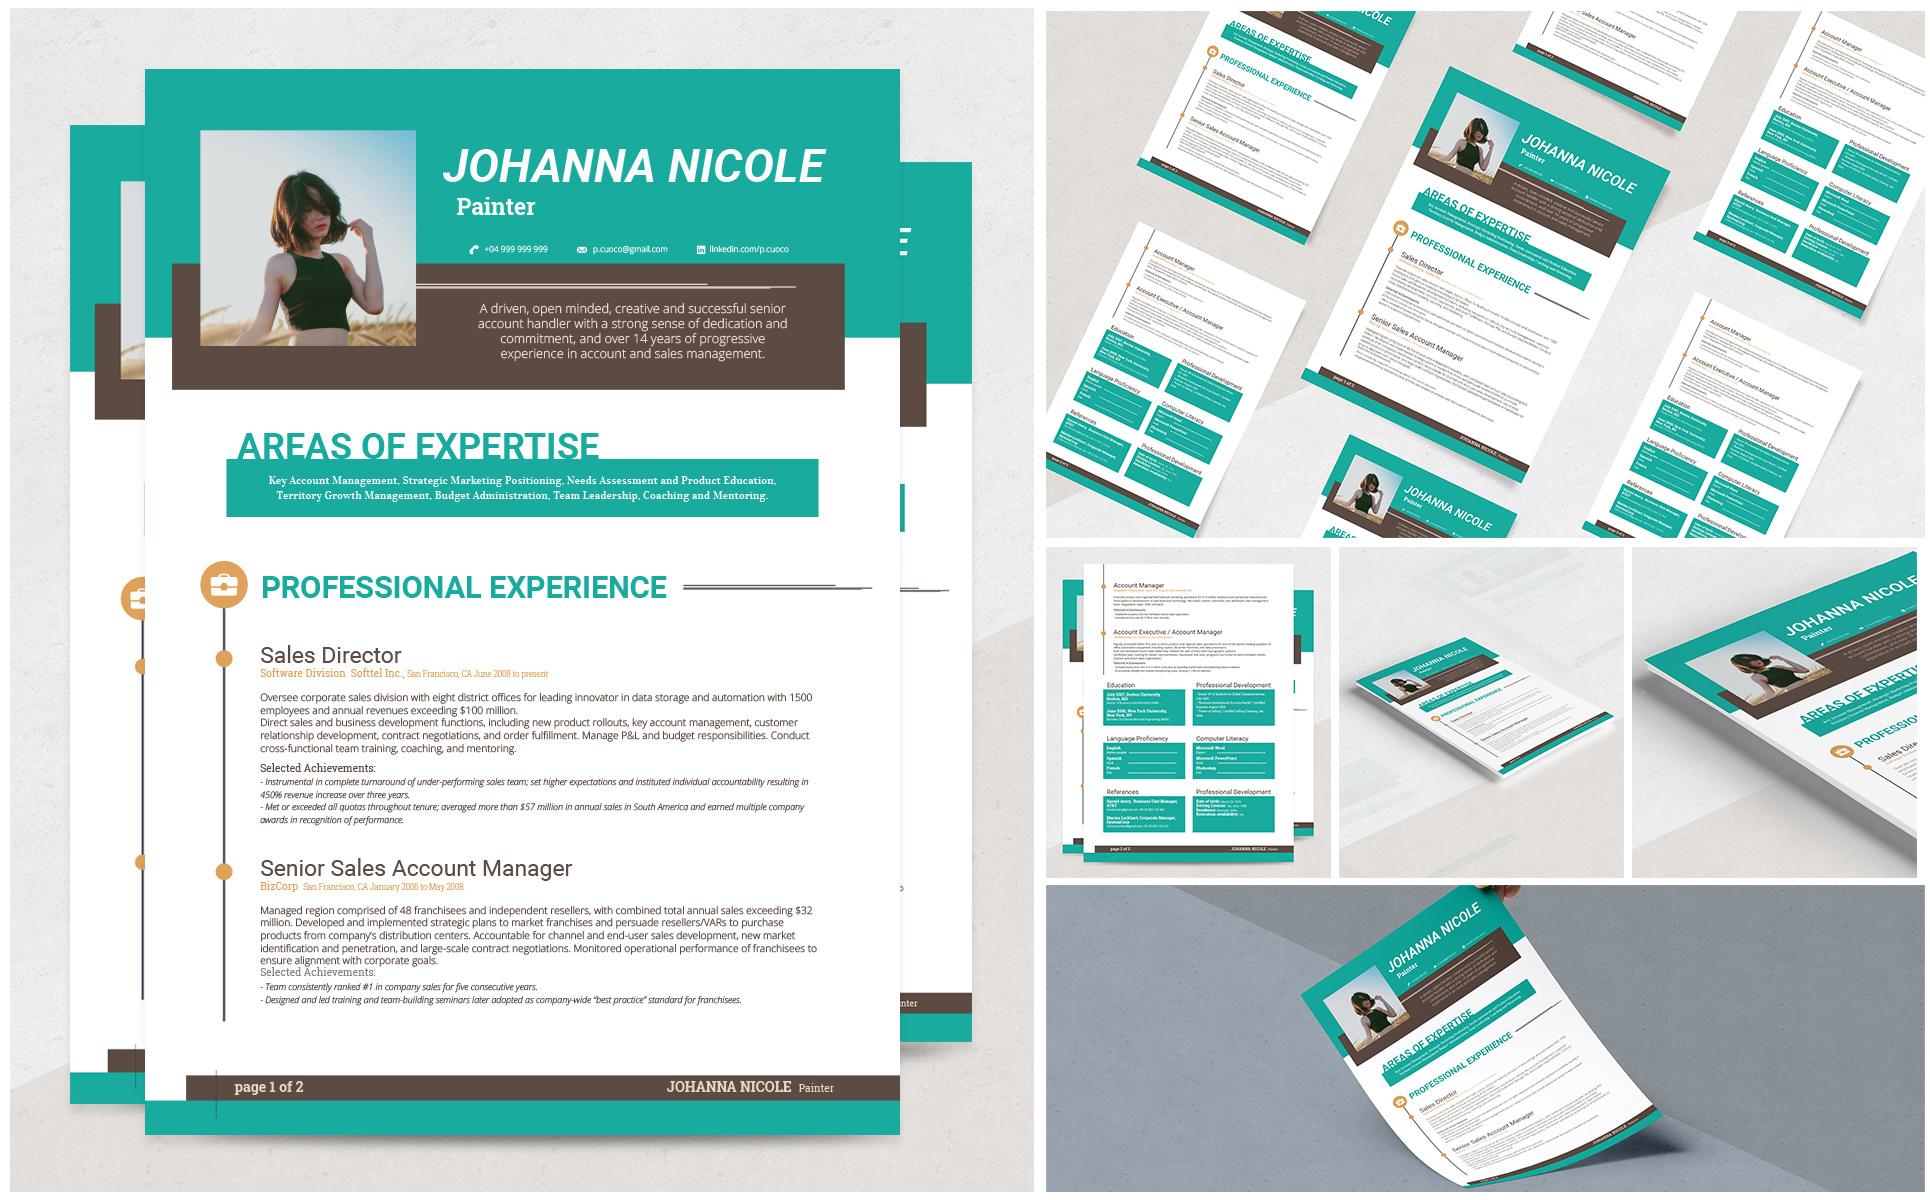 johanna resume template  69139